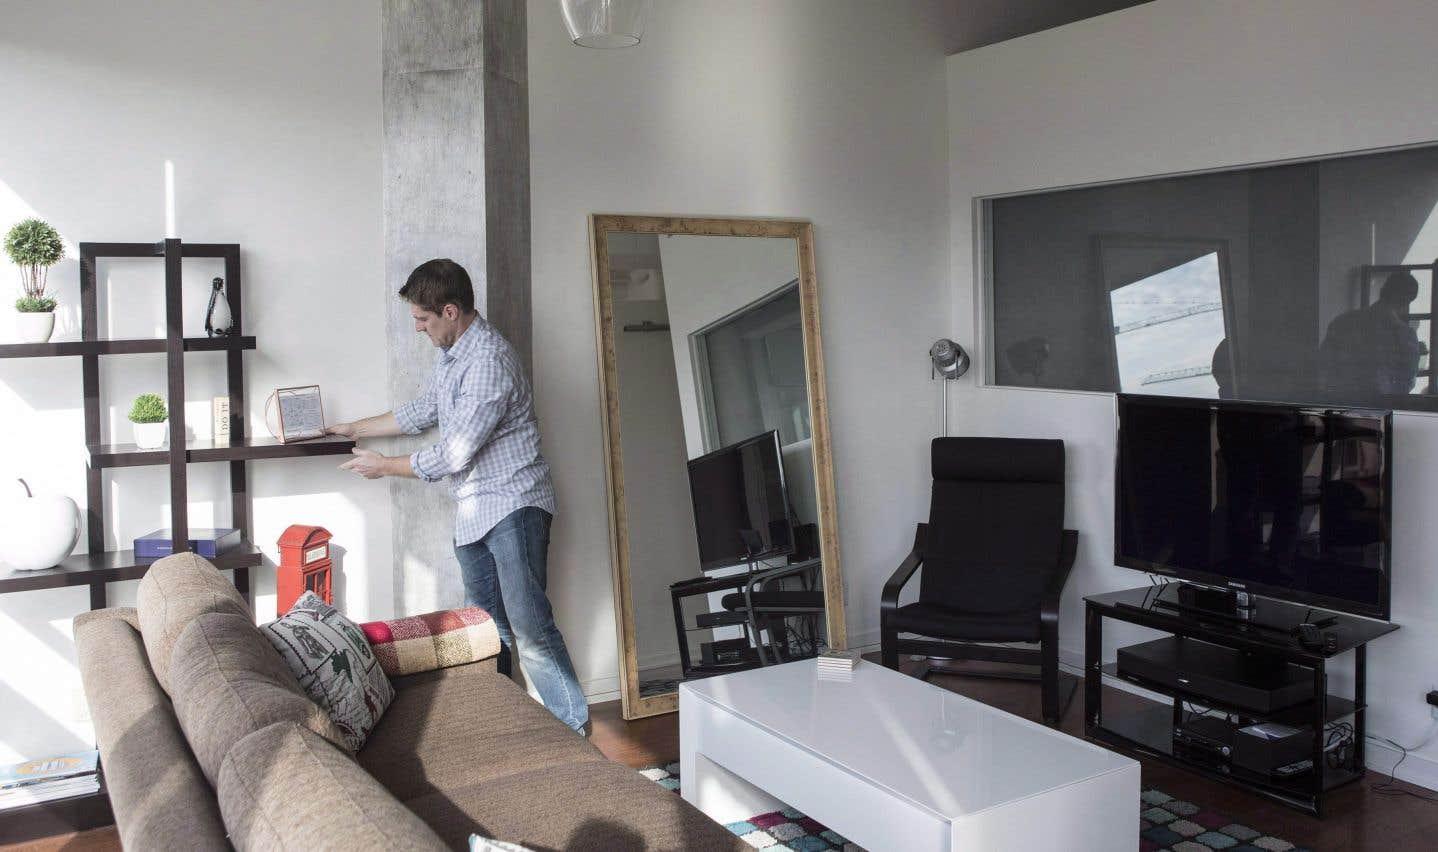 Impossible de savoir si l'entente avec Airbnb est respectée